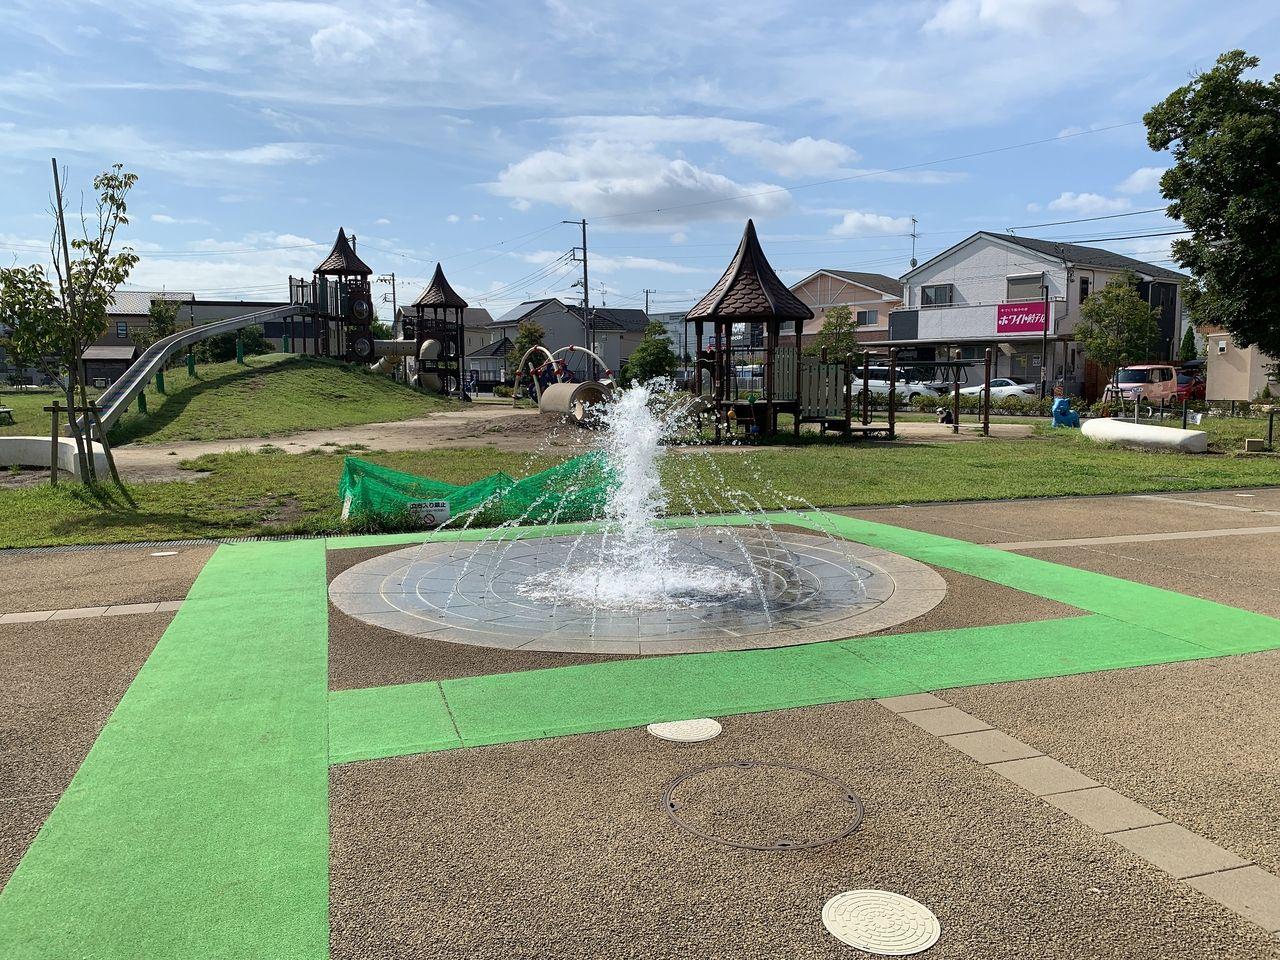 夏の暑い日はじゃぶじゃぶ池でたくさんの子供たちが遊んでいます!